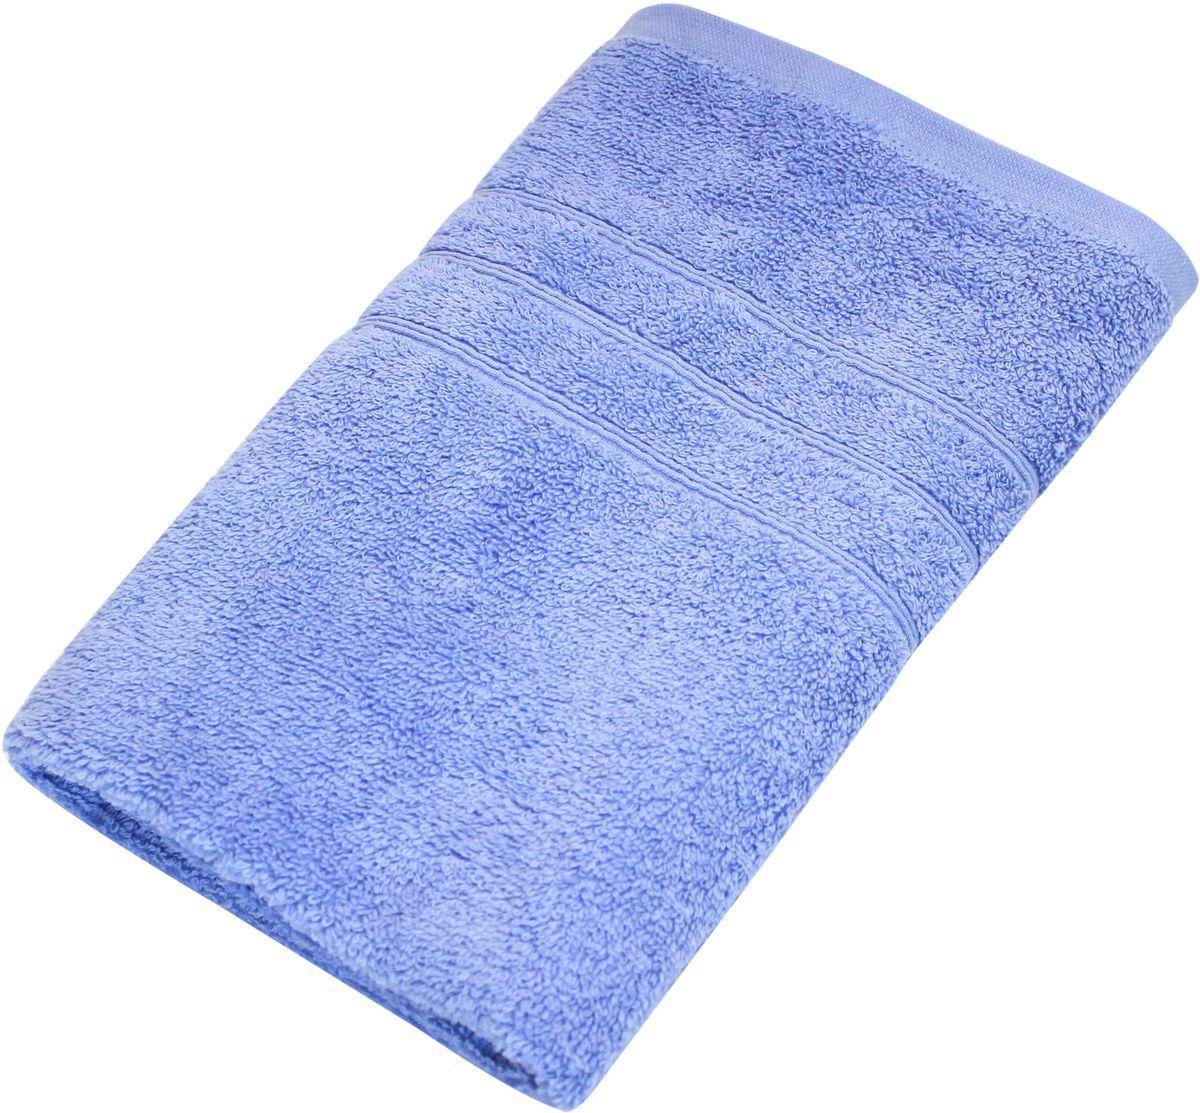 Полотенце Proffi Home Модерн, цвет: голубой, 50 x 100 см1004900000360Мягкое махровое полотенцеProffi Home Модерн отлично впитывает влагу и быстро сохнет, приятно в него завернуться после принятия ванны или посещения сауны. Поэтому данное махровое полотенце можно использовать в качестве душевого, банного или пляжного полотенца. Состав: 100% хлопок.